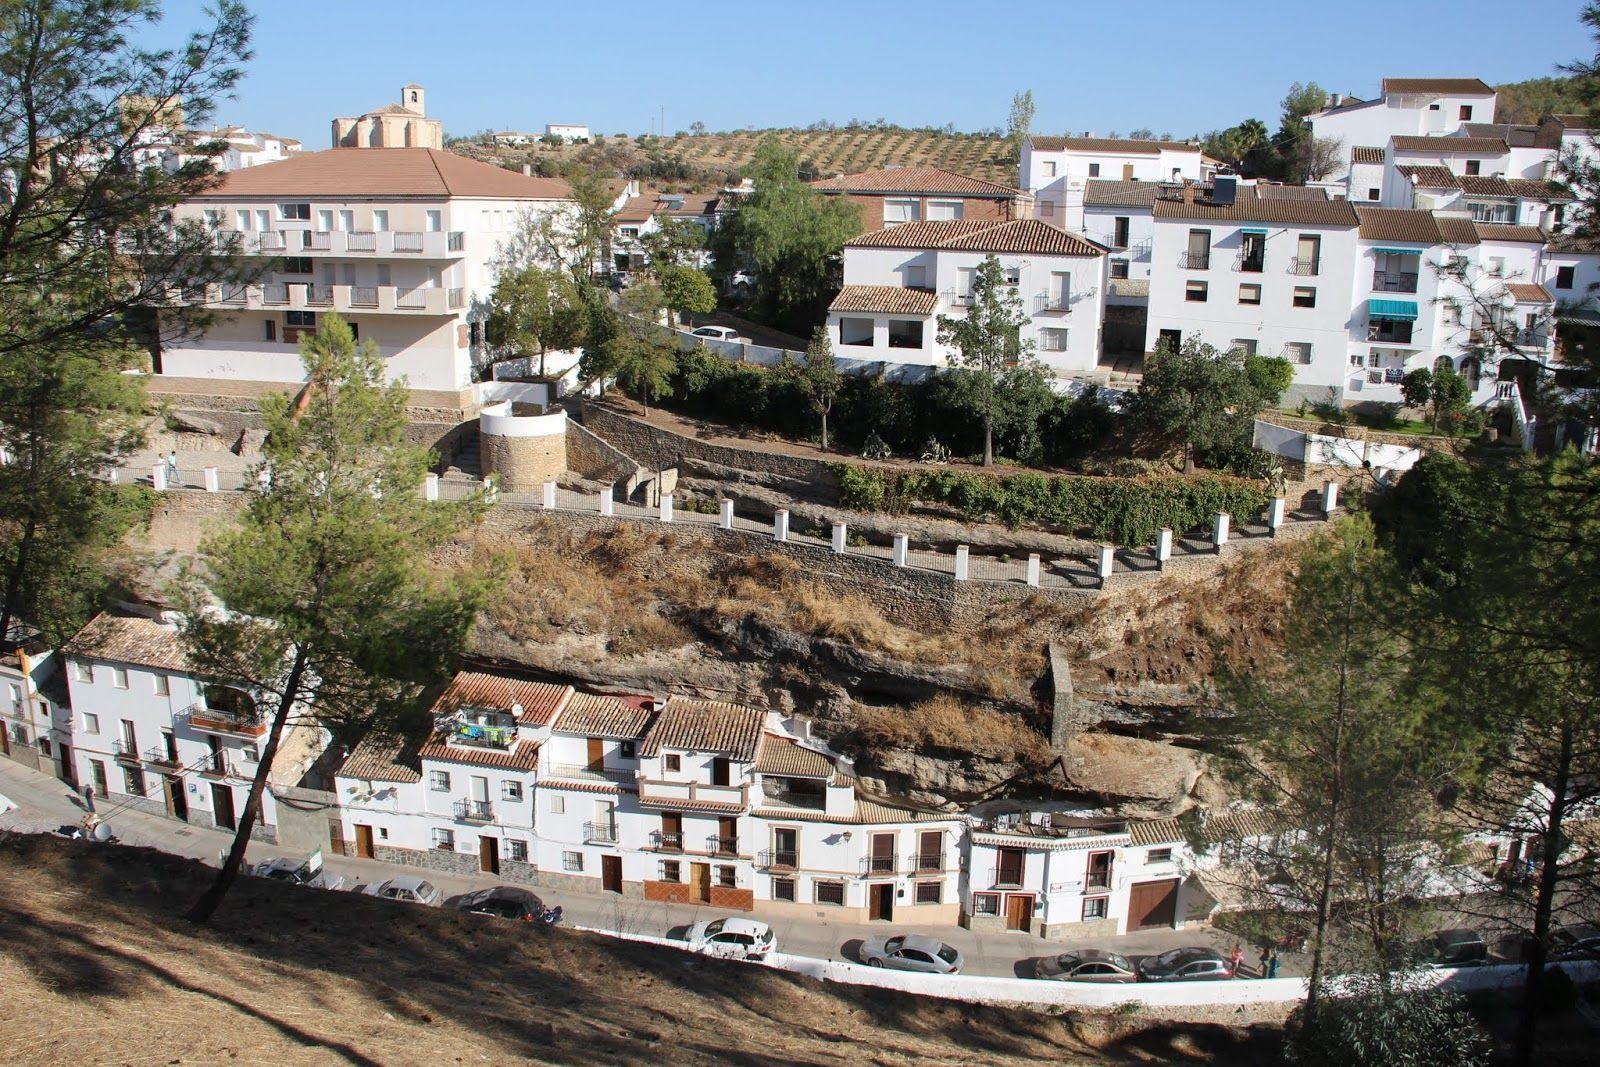 Toda La Información Sobre Setenil De Las Bodegas Pueblo De Cádiz Qué Ver Alojamientos Rurales Donde Dormir Opinion Alojamiento Rural Casas Rurales Bodegas